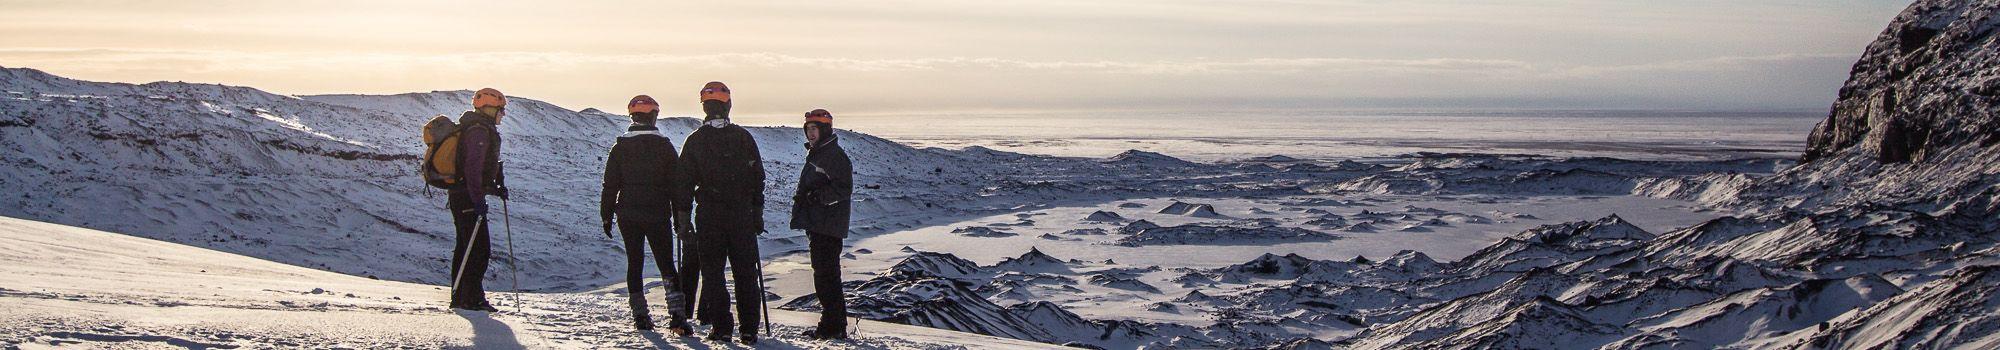 Glacier-Hiking-Vatnajokull-Skaftafell-Iceland